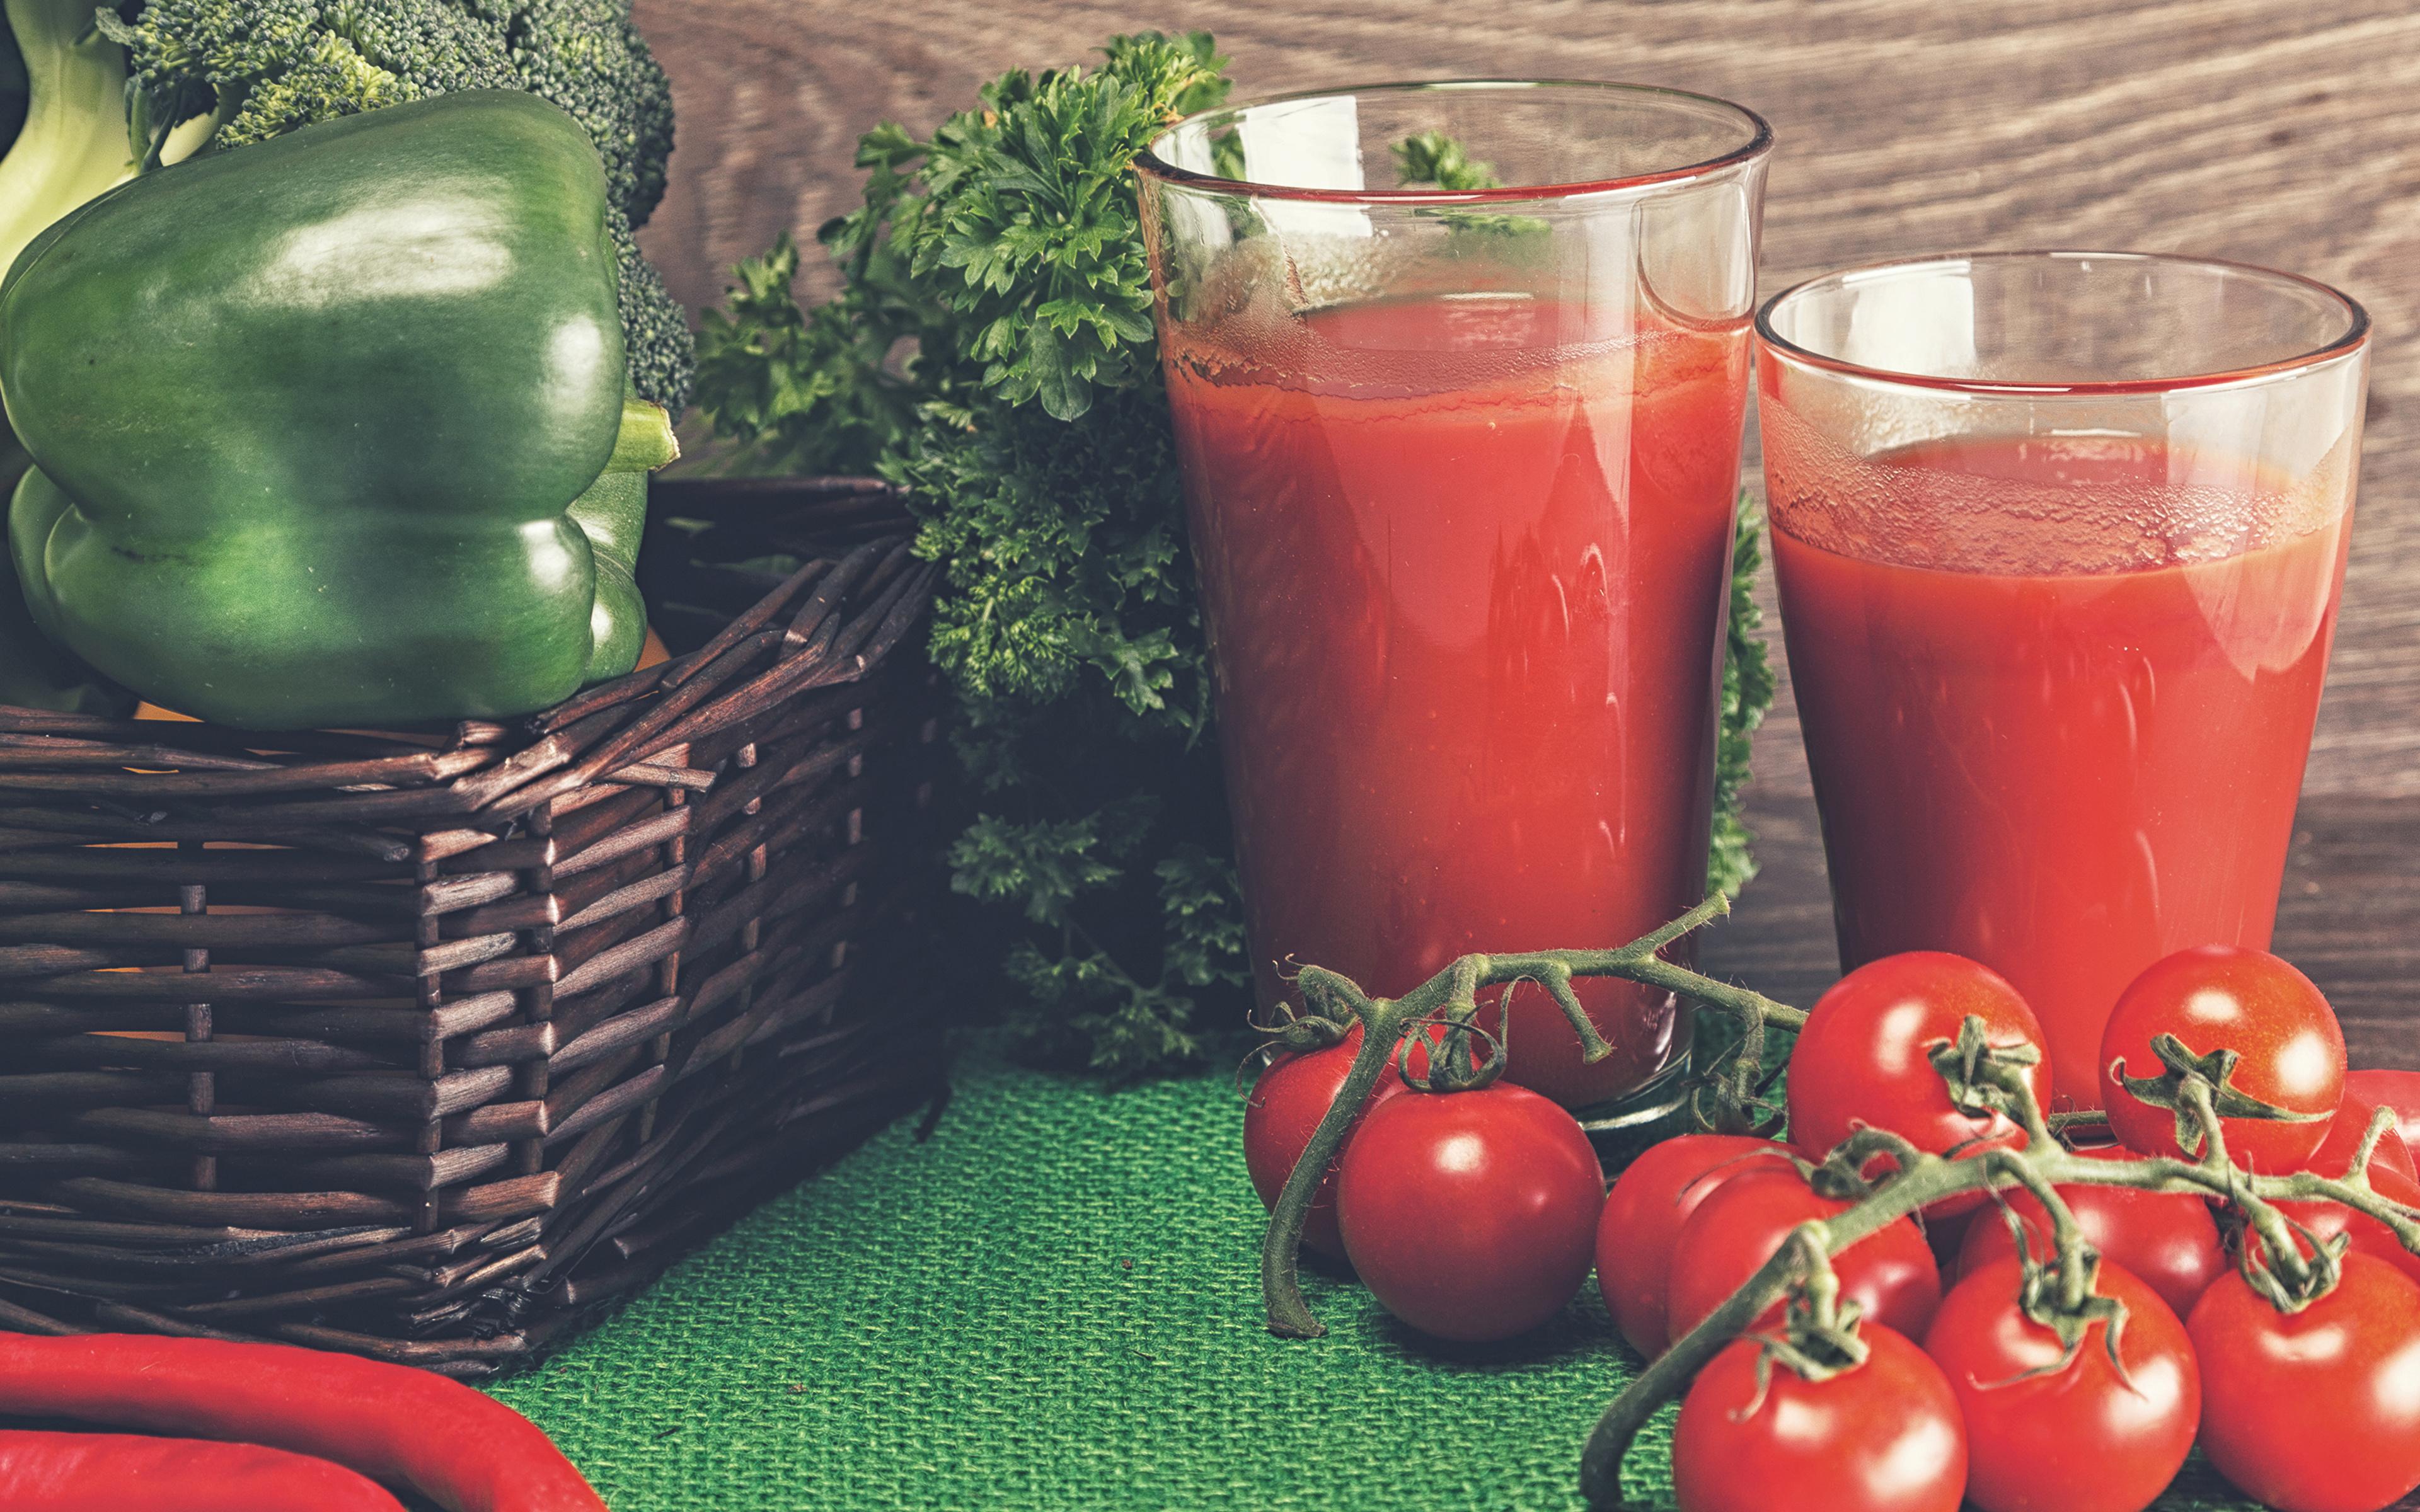 Картинка 2 Сок Помидоры стакана Пища перец овощной 3840x2400 два две Двое вдвоем Томаты Стакан стакане Еда Перец Продукты питания